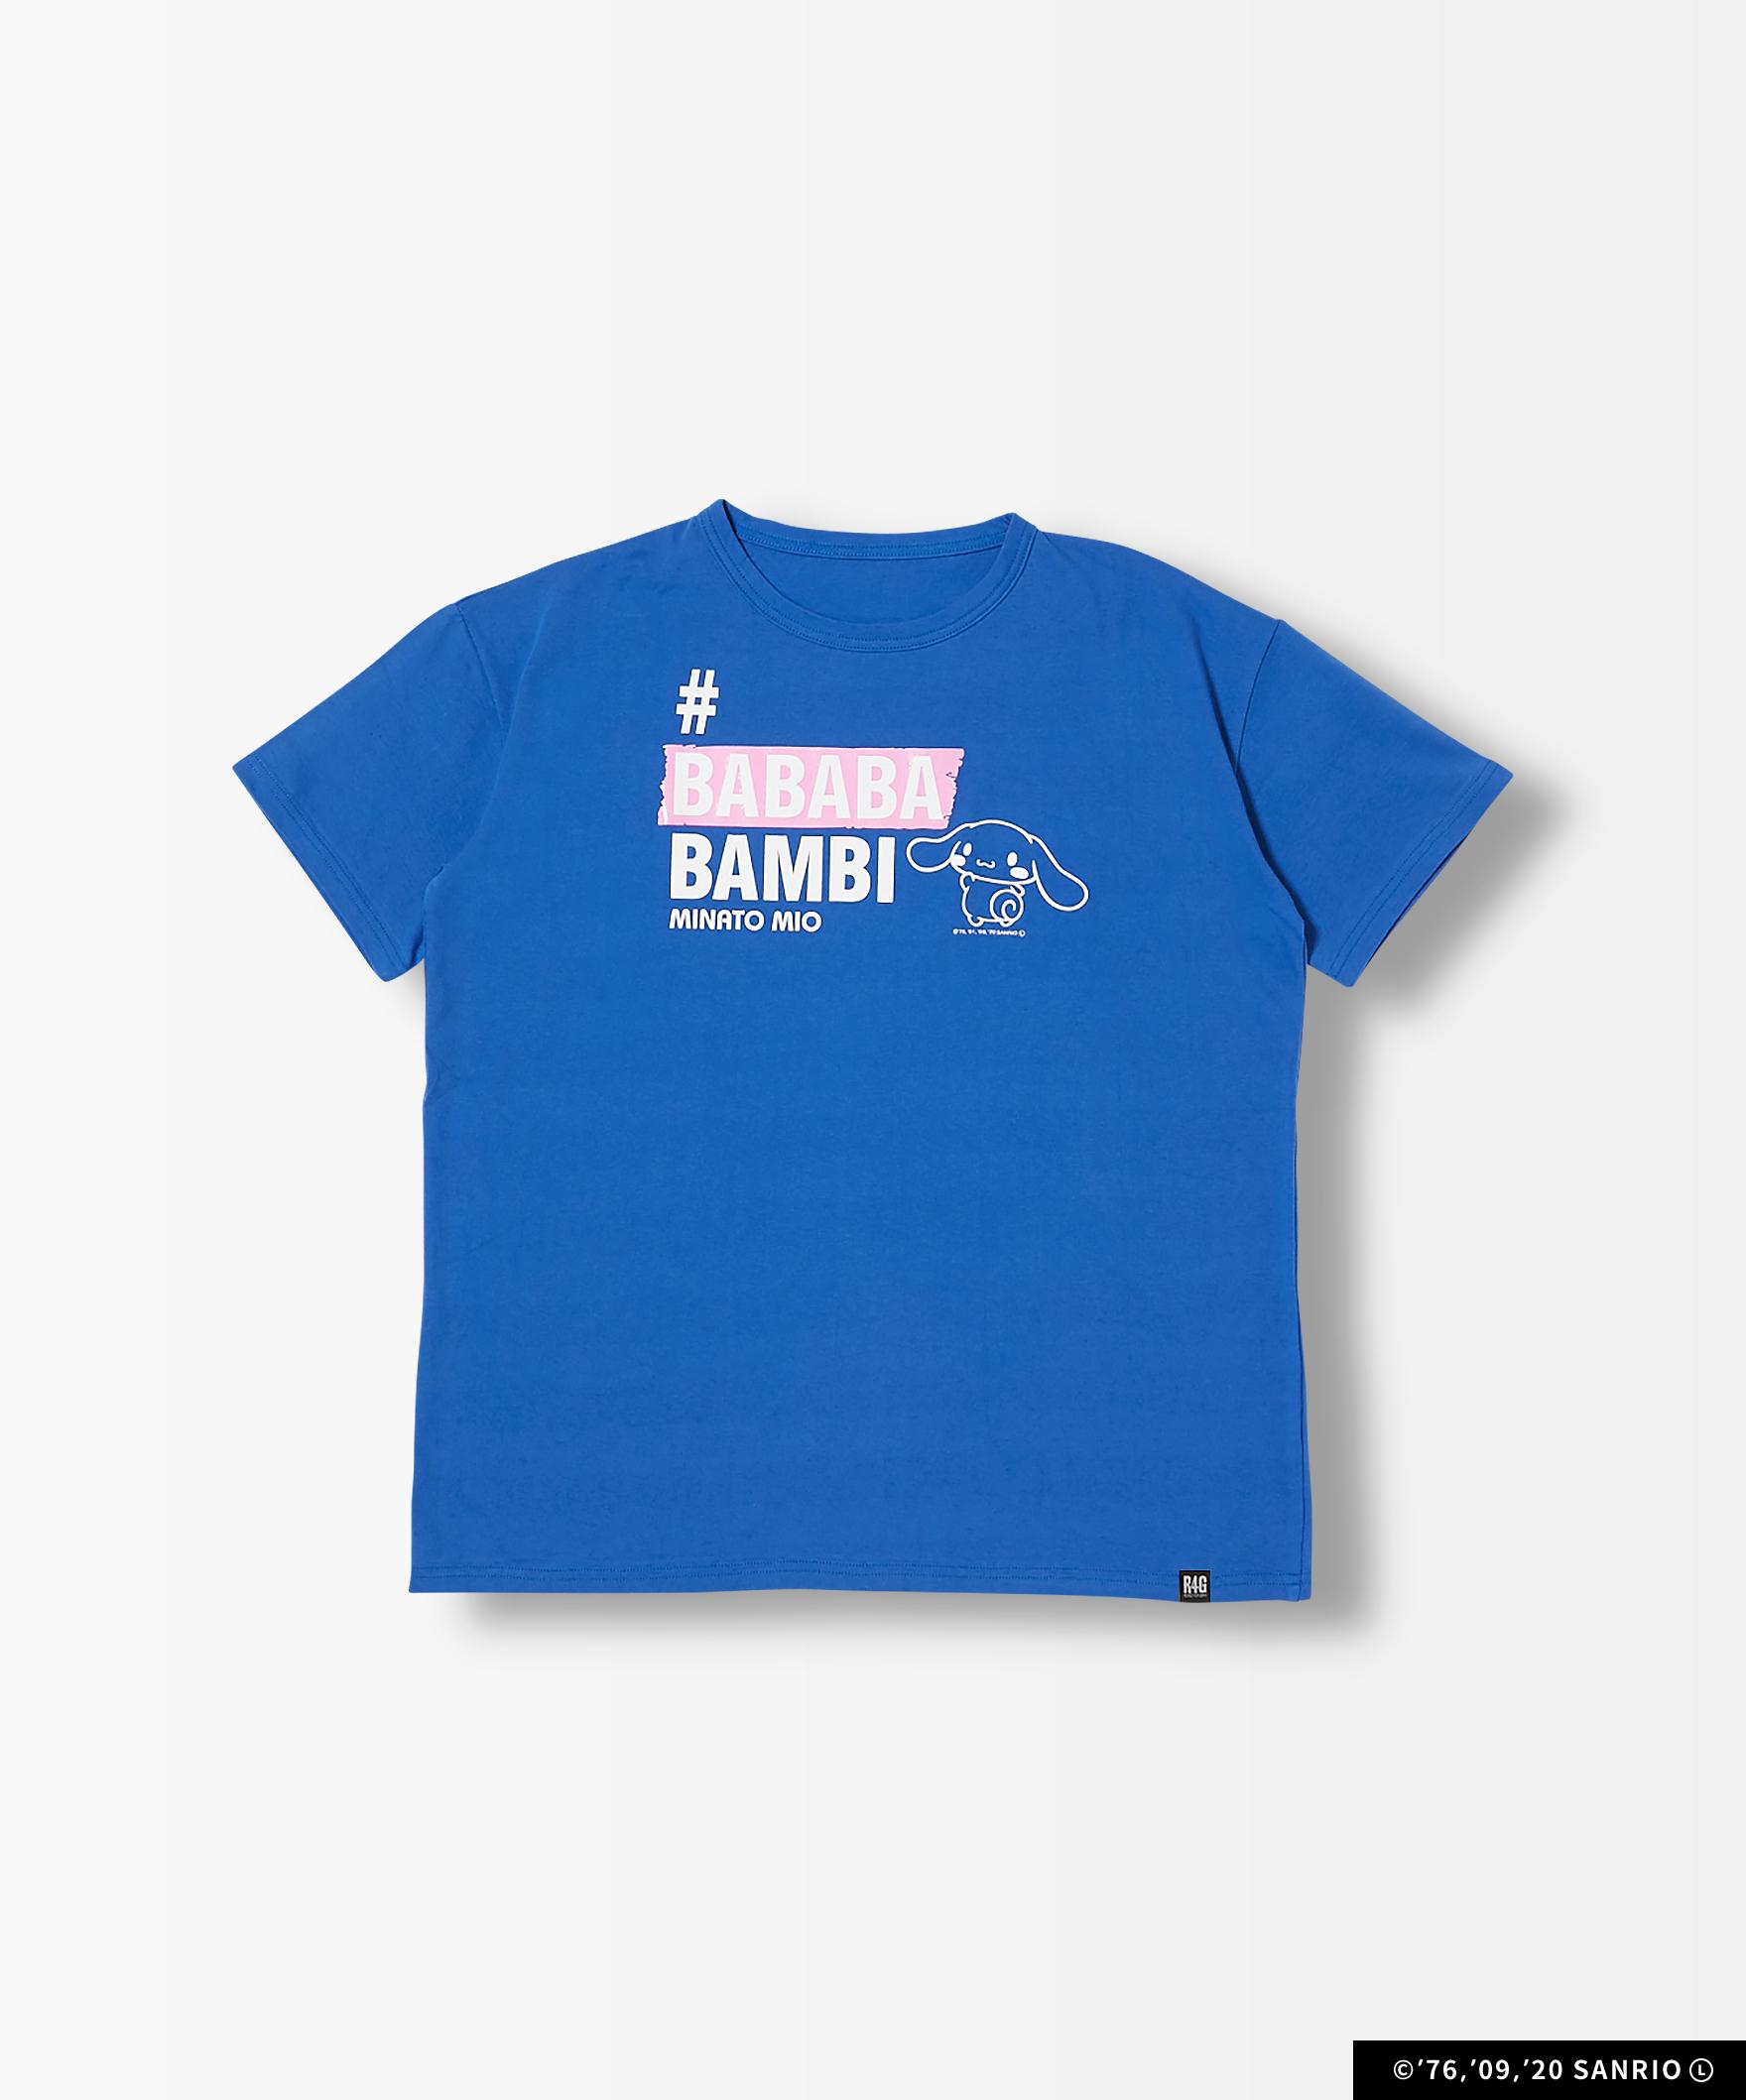 推しメンバーTシャツ